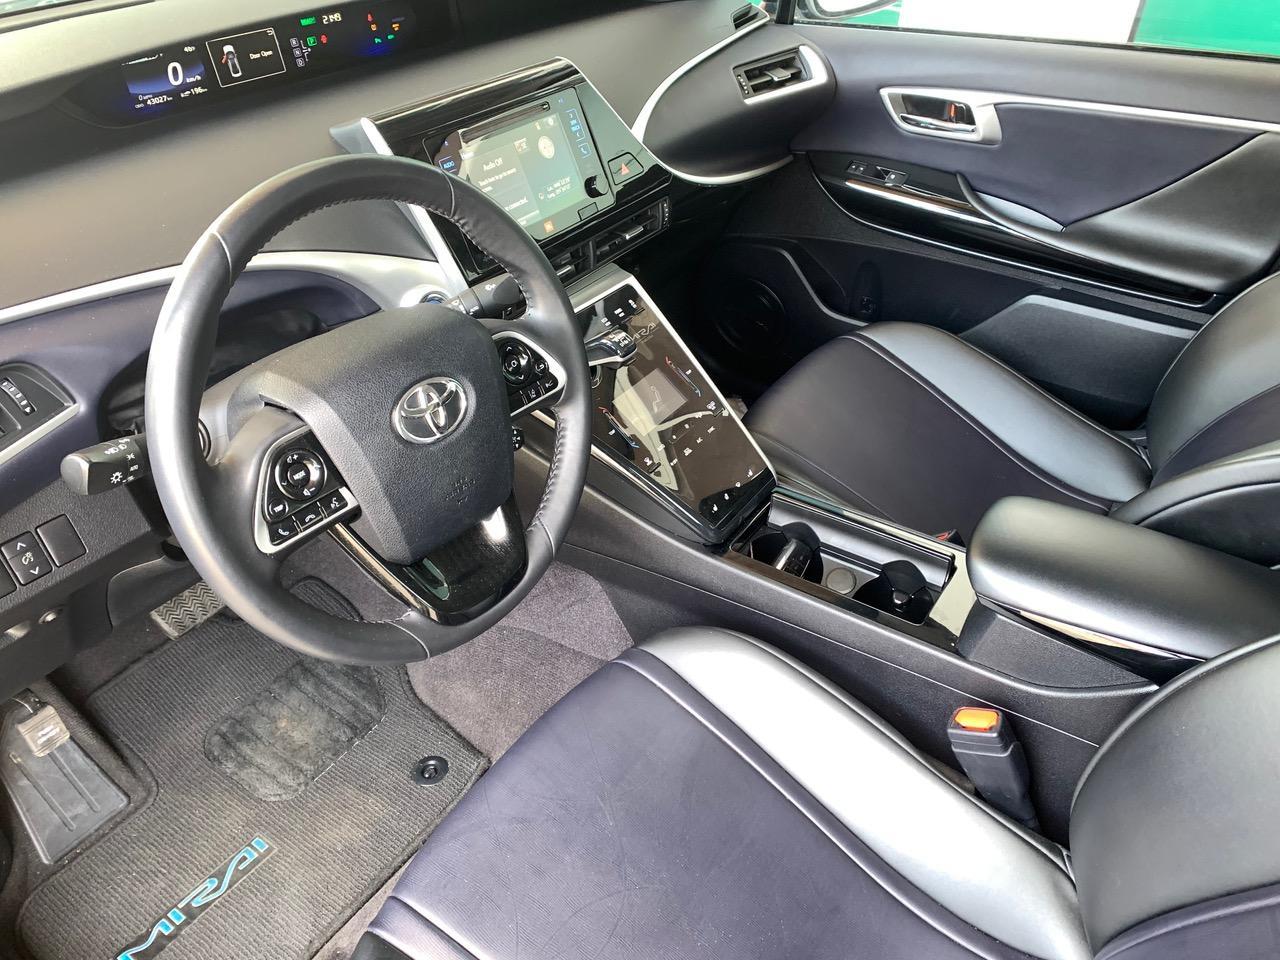 Toyota mirai wasserstoff auto zu Verkaufen Osterreich